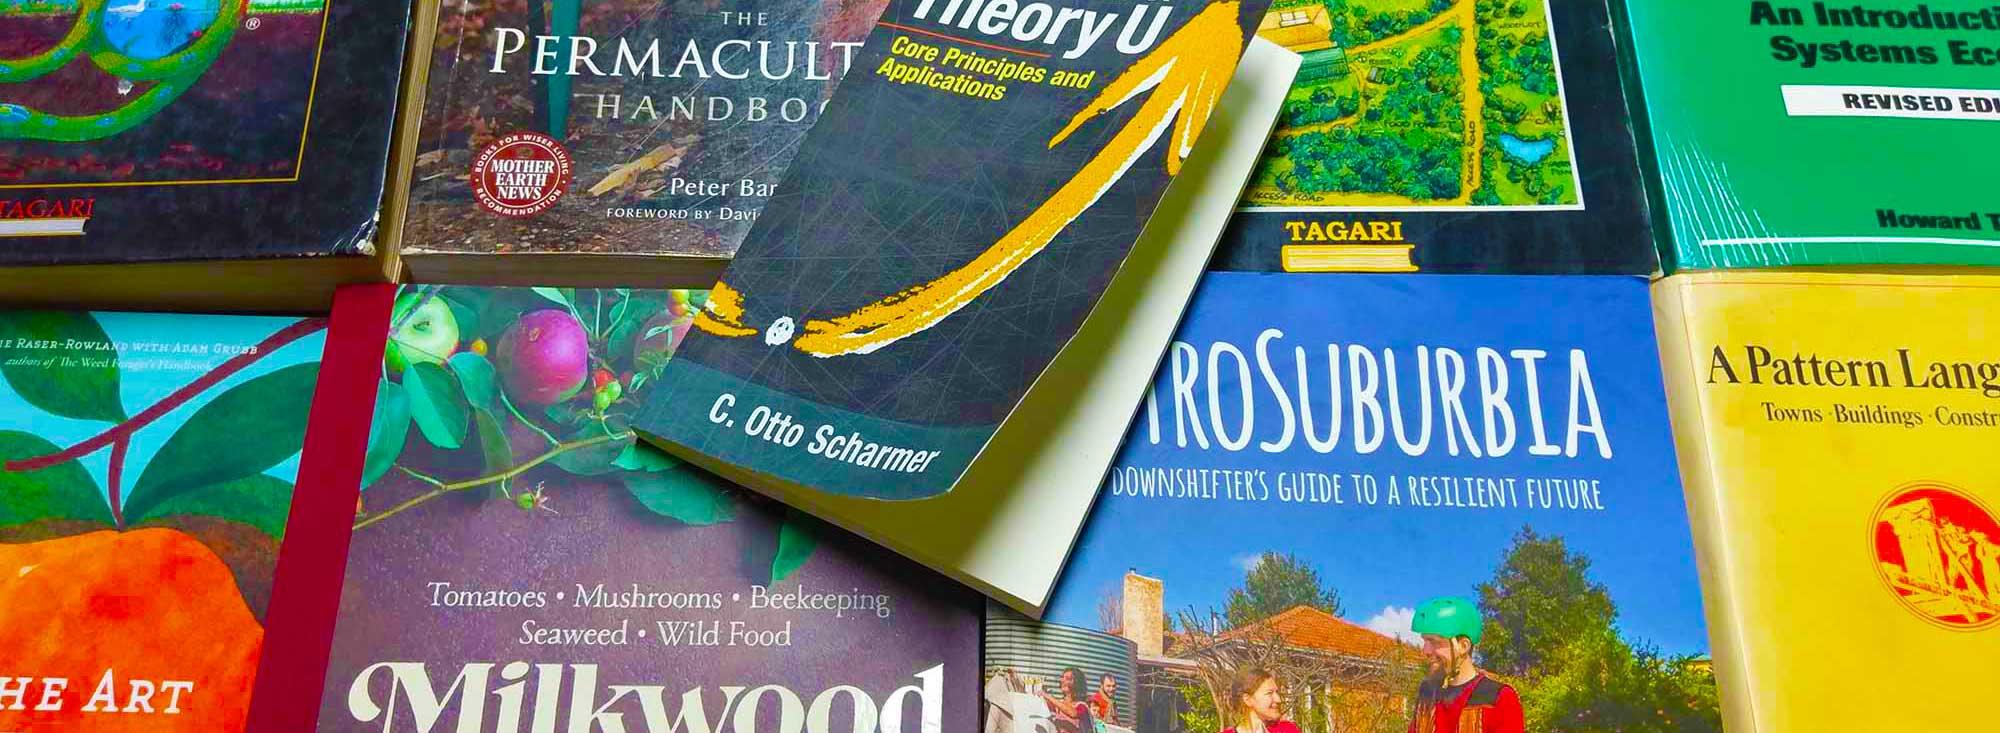 Influential permaculture literature